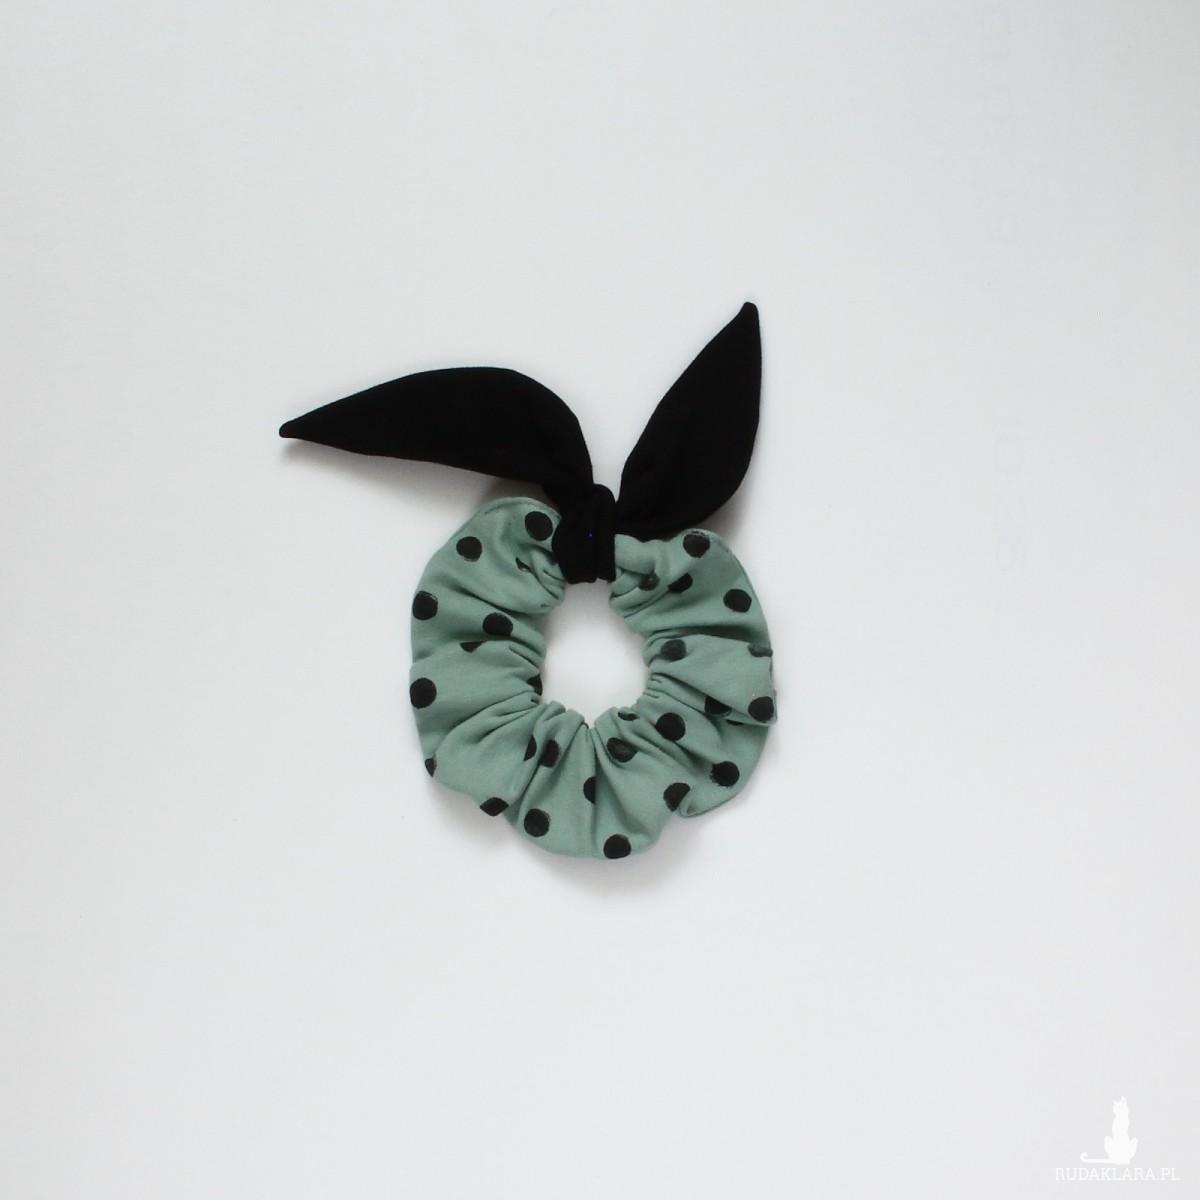 Gumka do włosów (scrunchie) – szara mięta z czarnymi skrzydełkami